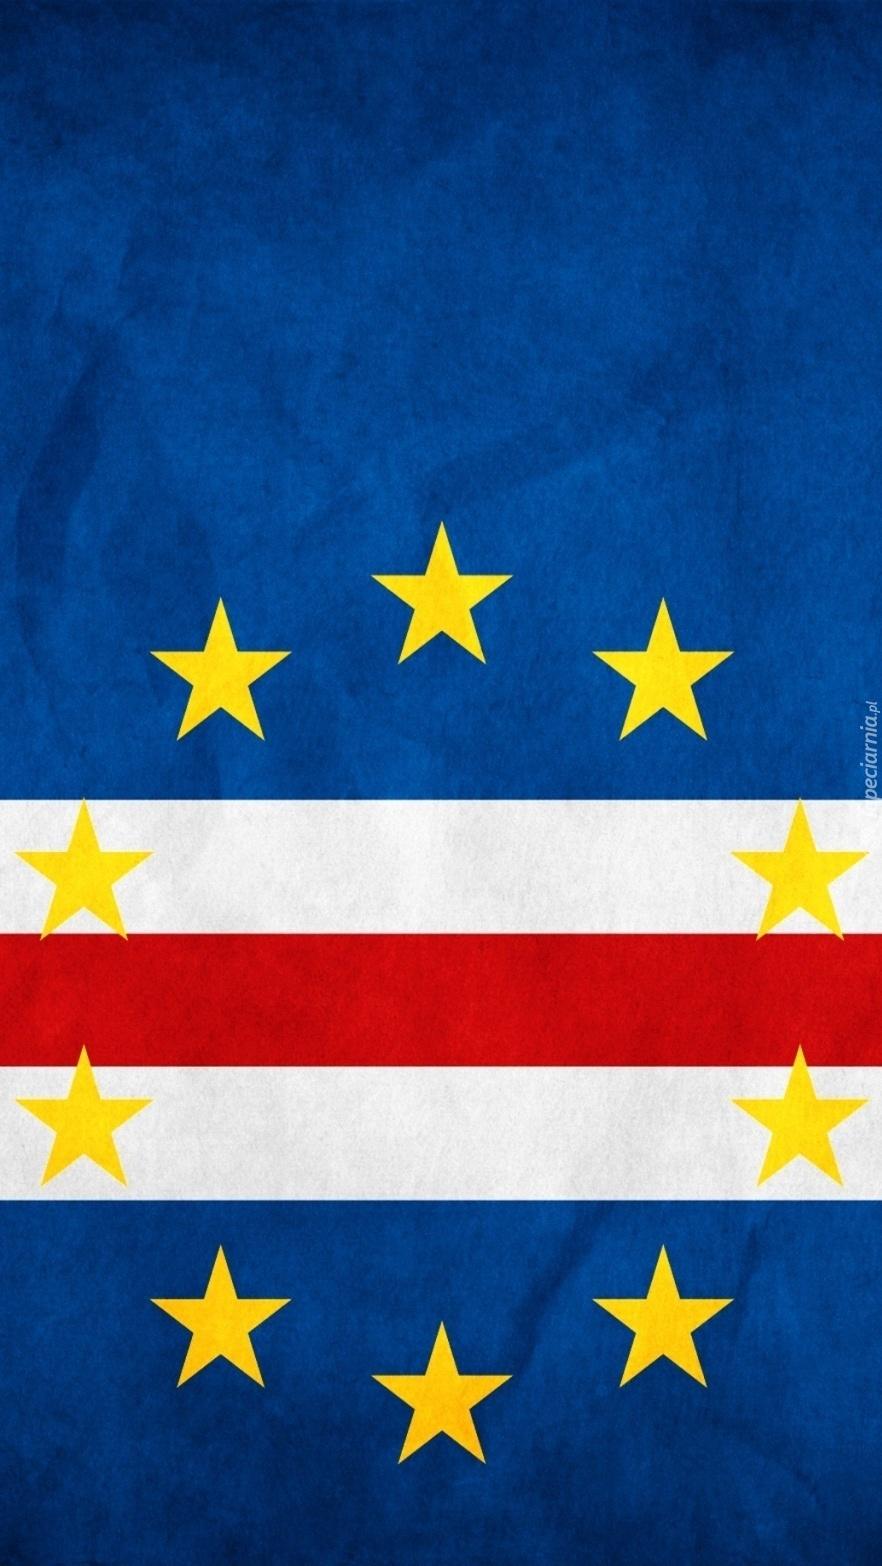 Flaga  Republiki Zielonego Przylądka